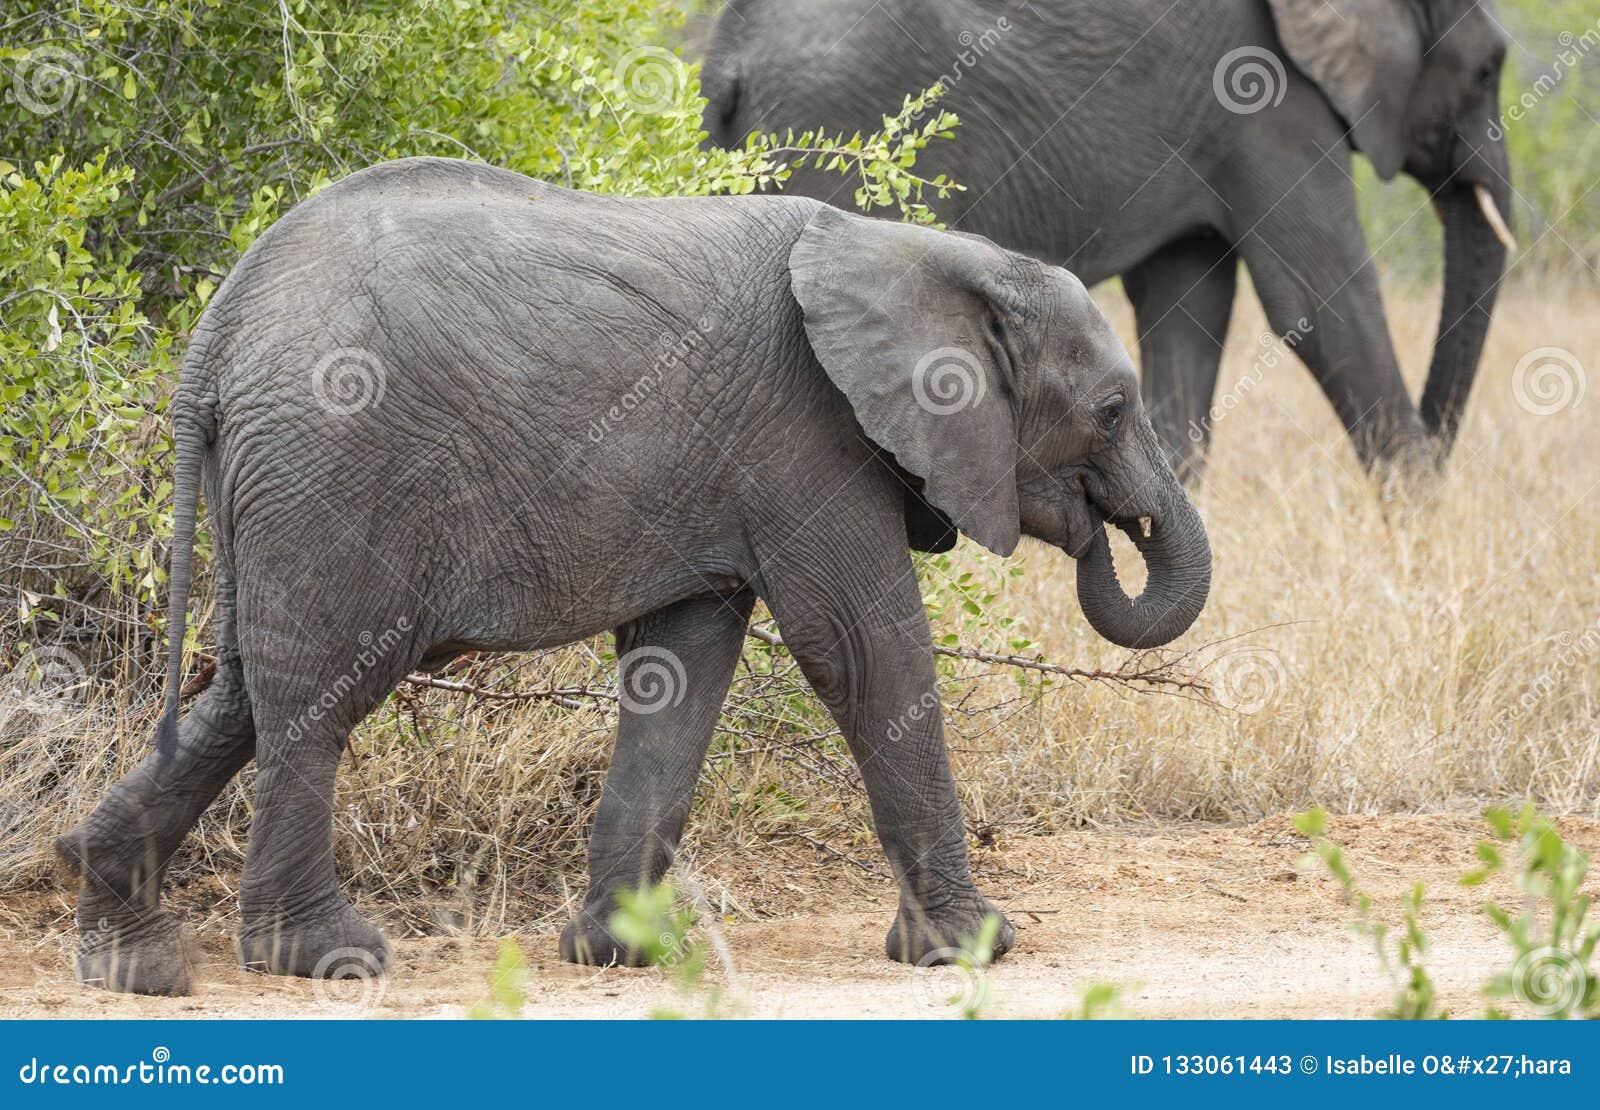 婴孩大象,非洲象属Africana外形画象,走与更大的大象在背景中